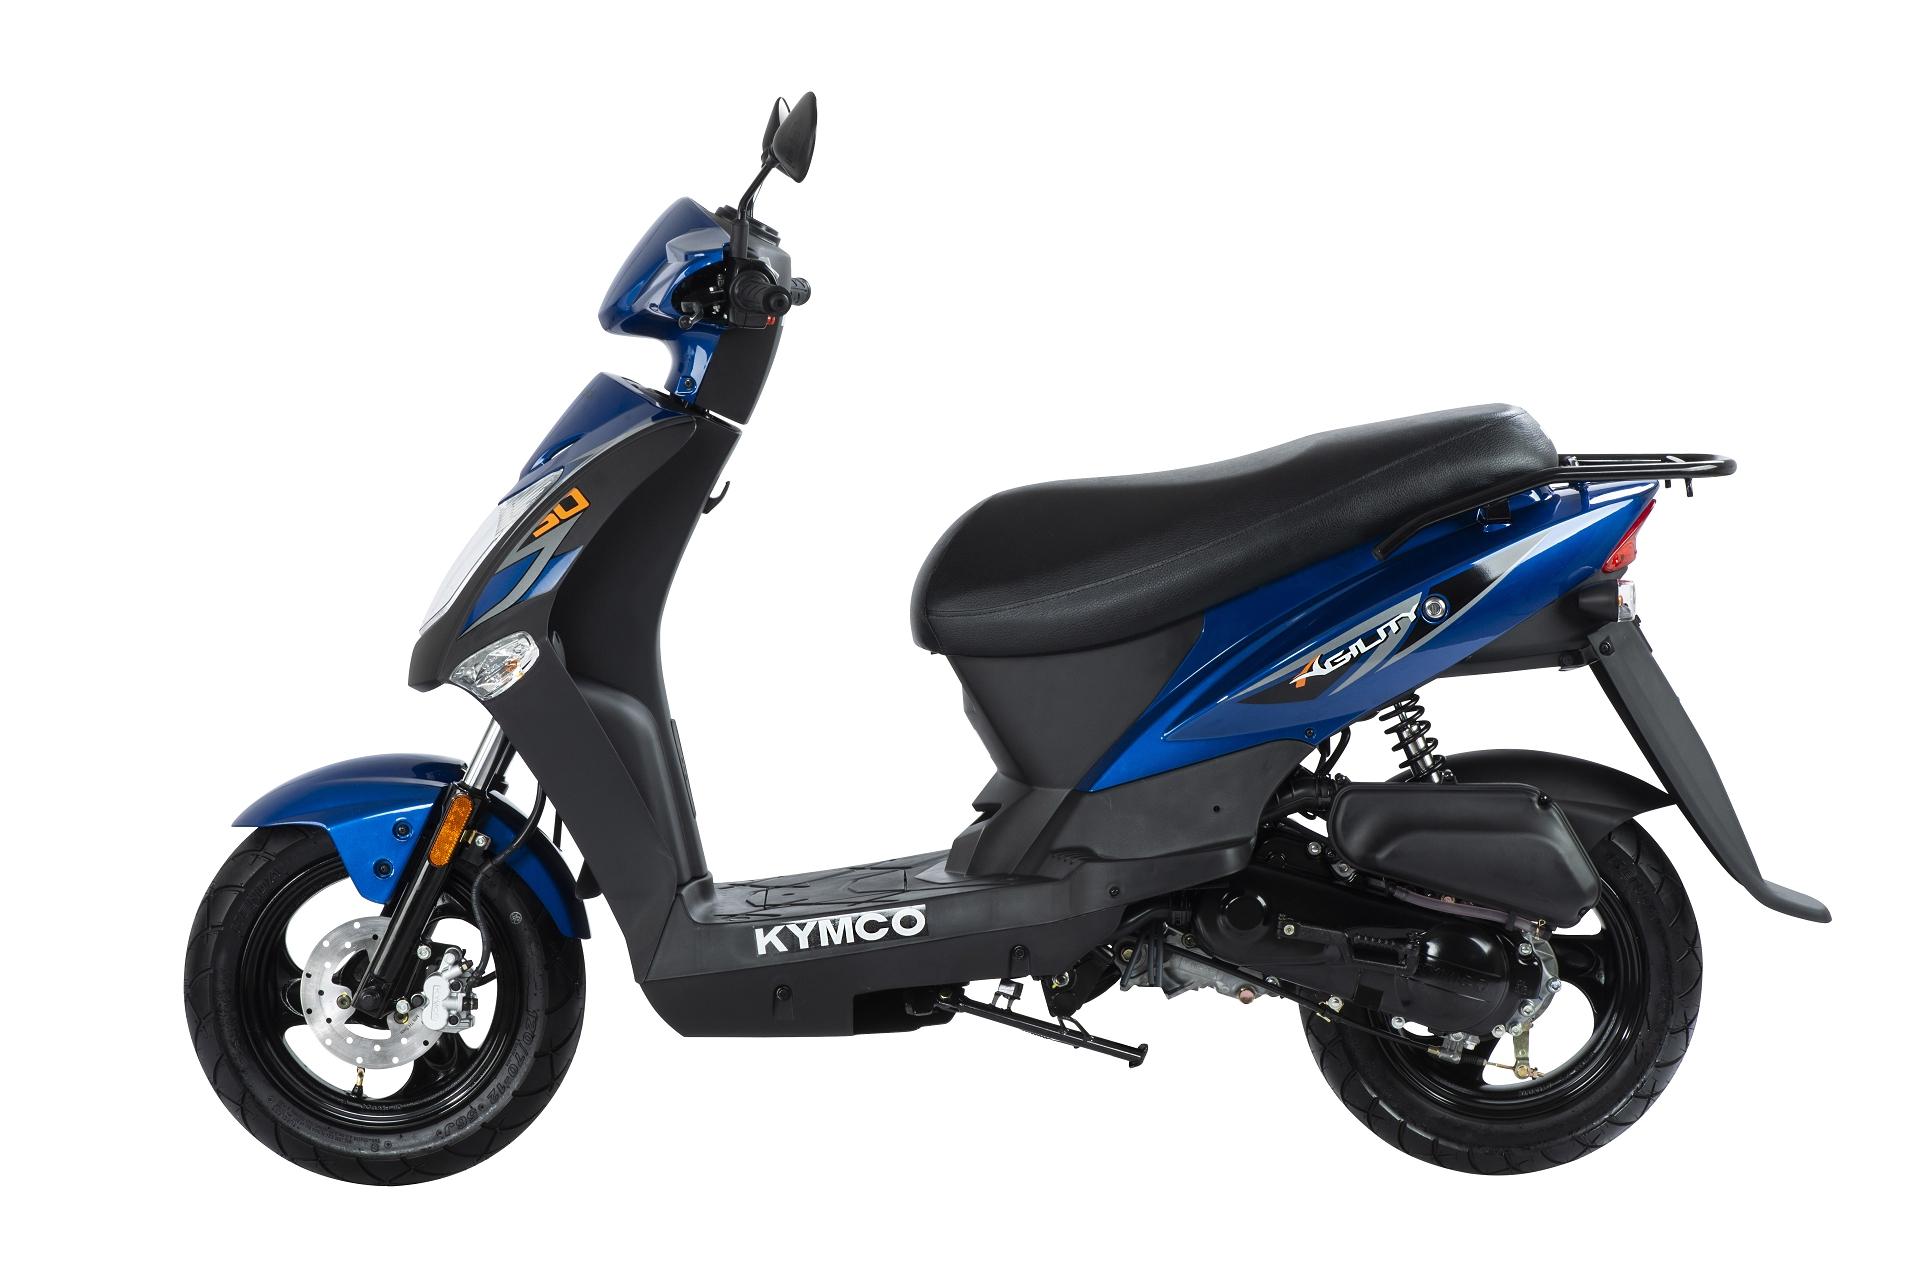 Gebrauchte und neue Kymco Agility RS Naked Motorräder kaufen